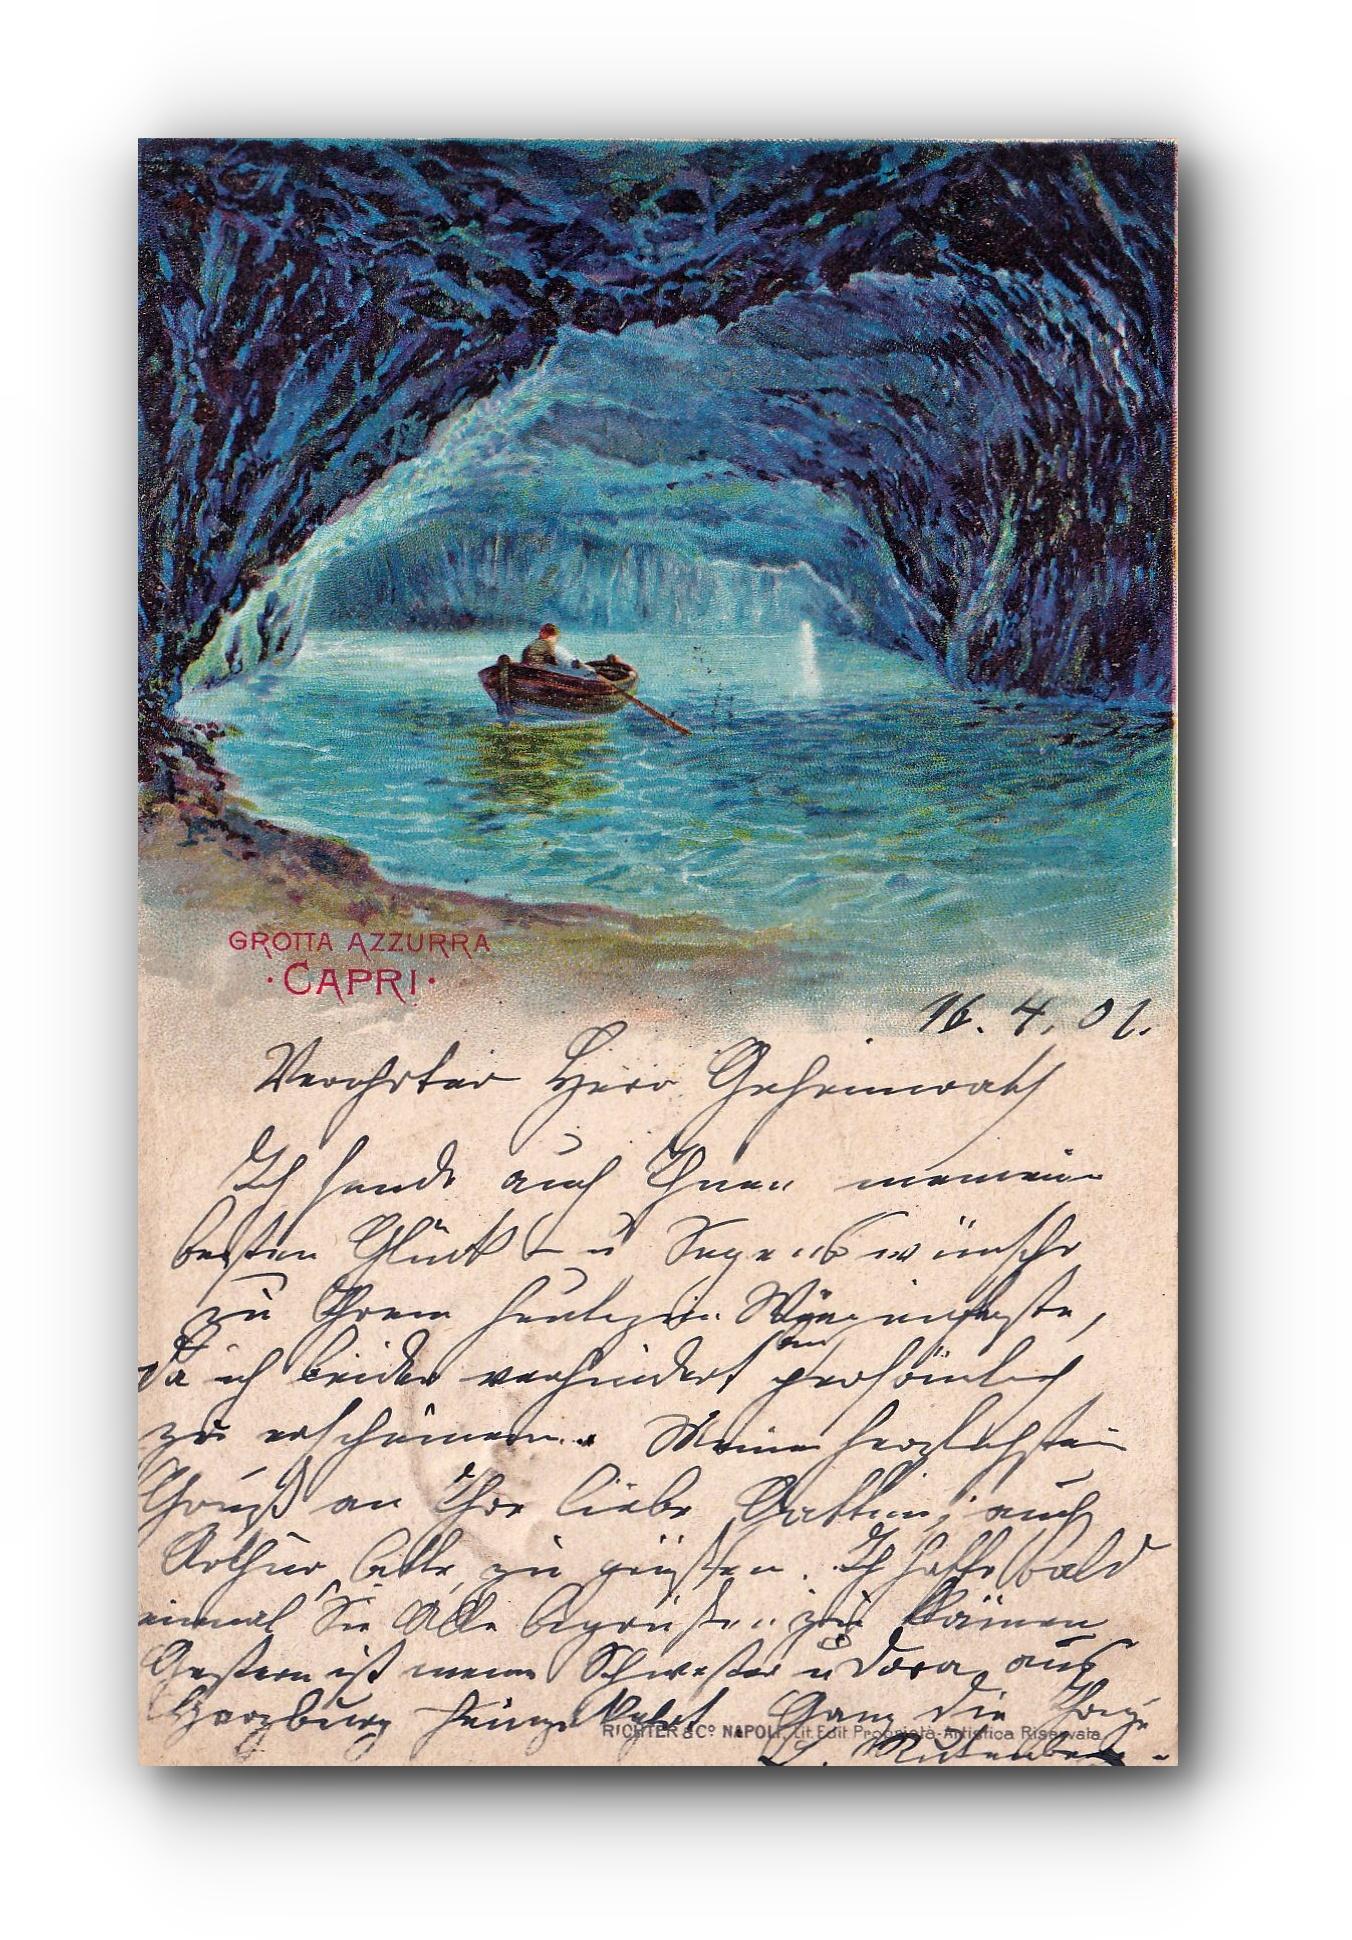 CAPRI - 16.04.1901 - Die Blaue Grotte - La Grotte bleue - The Blue Grotto